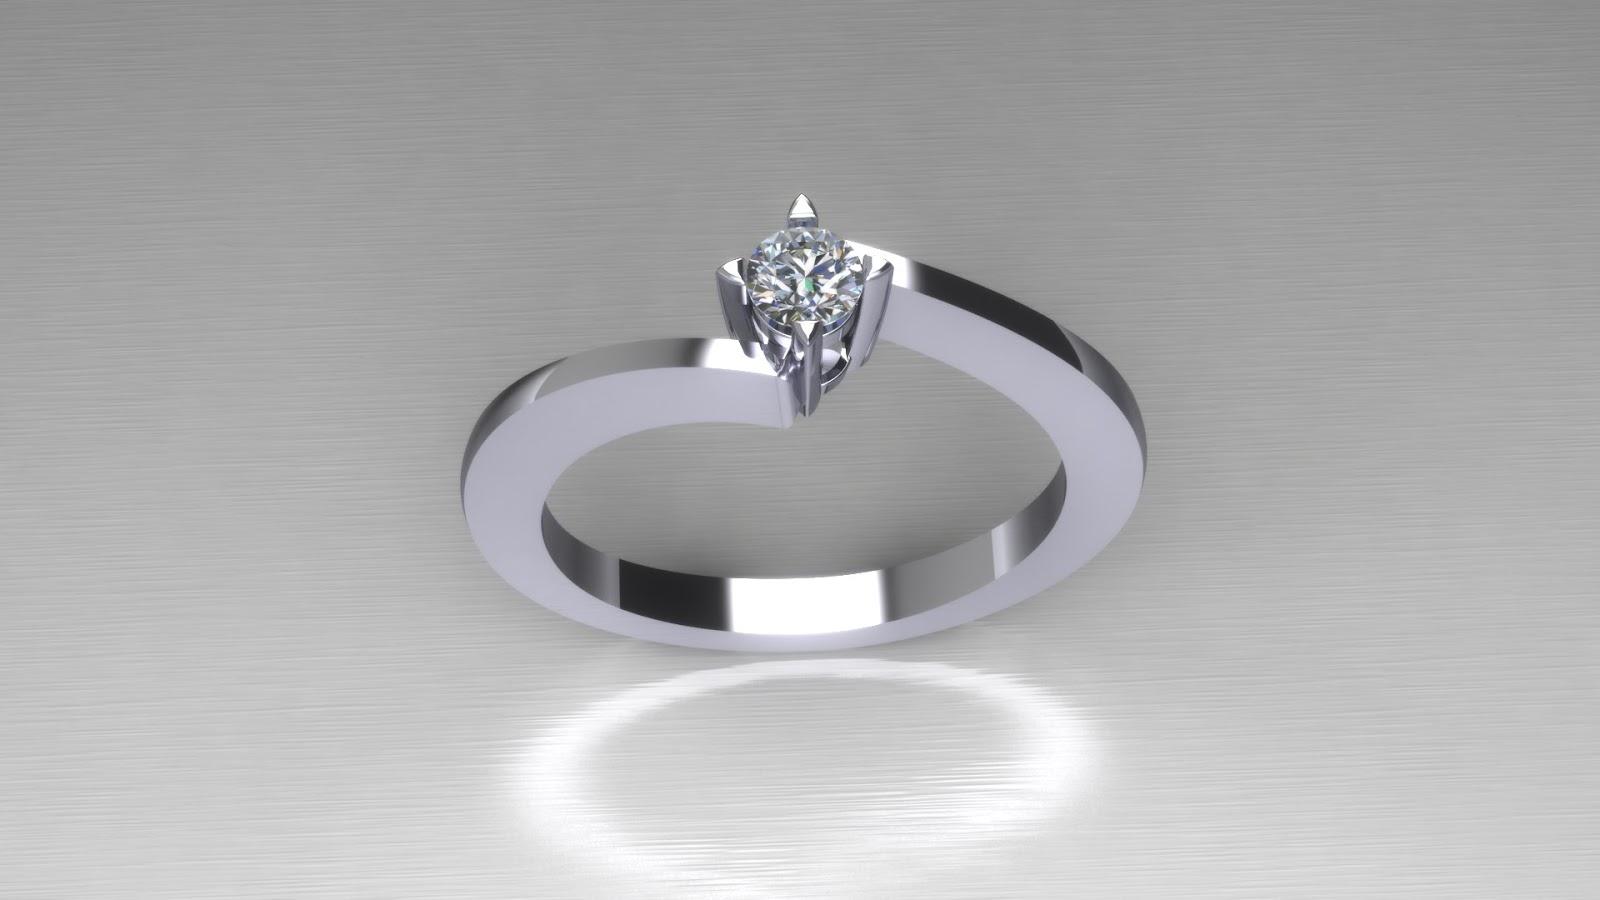 1) Μονόπετρα με διαμάντια  Το all time classic! Μονόπετρο δαχτυλίδι με  διαμάντι 73a4c0d4f2b